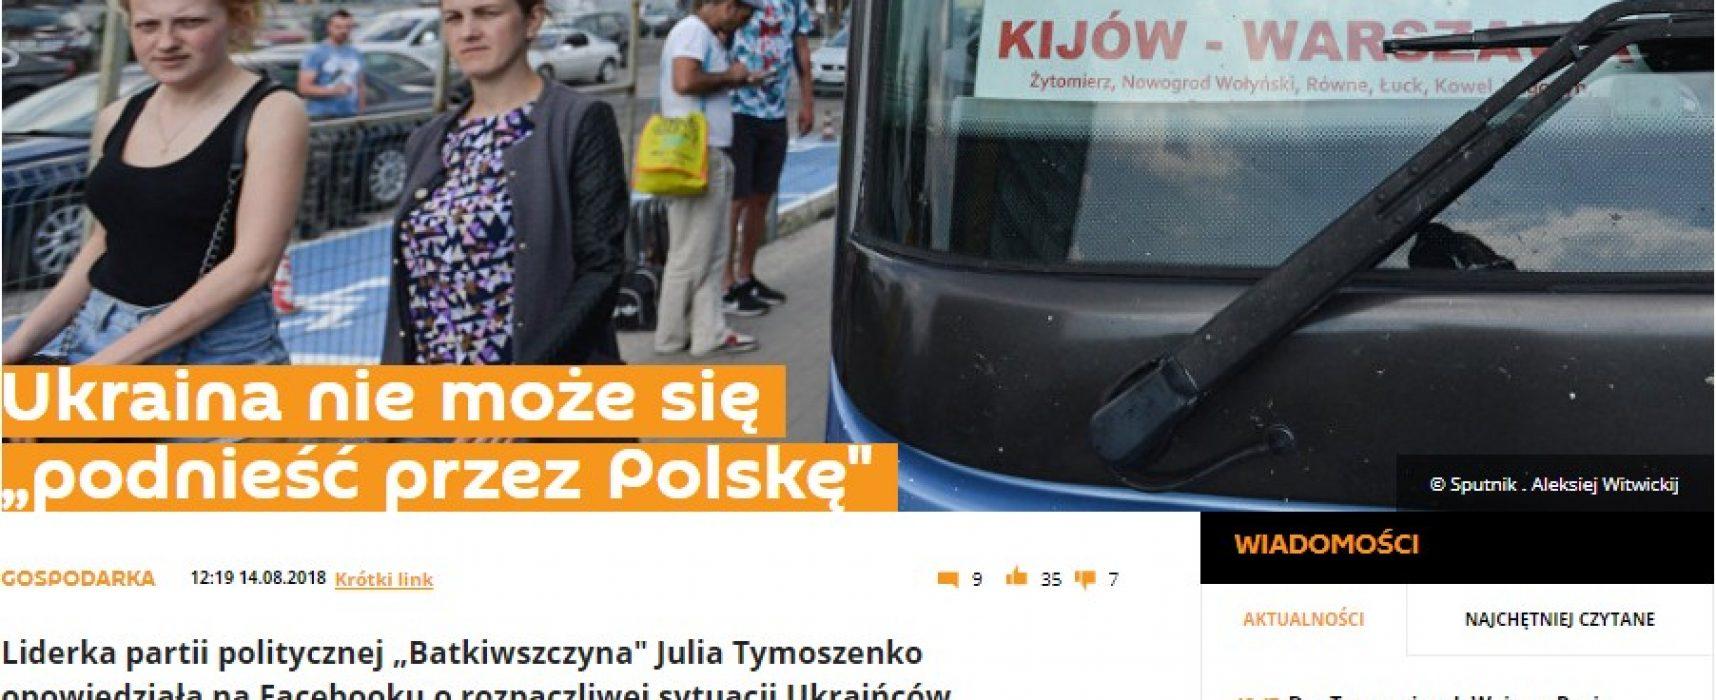 Манипуляция «Спутника»: являются ли украинцы в Польше рабами?